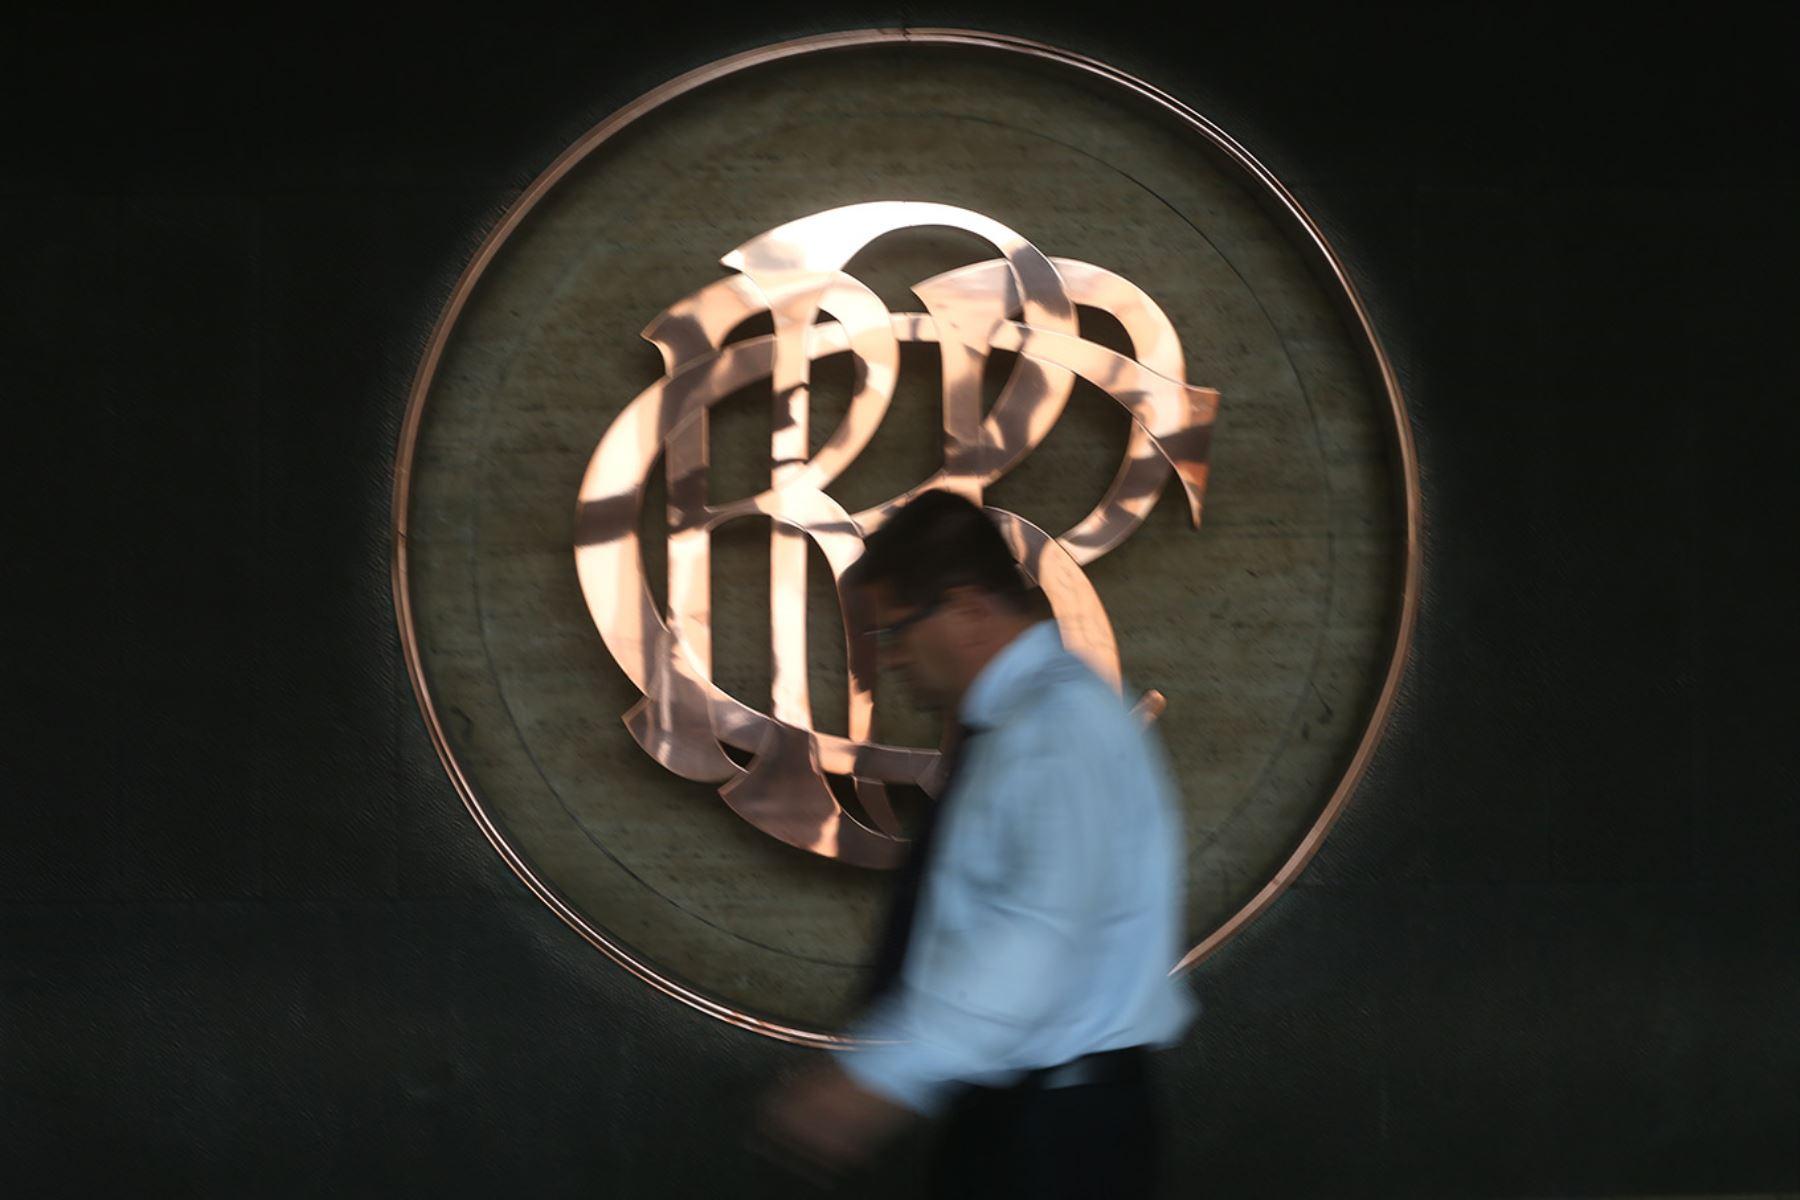 BCR dice que proyecto da garantías a bancos. ANDINA/Juan Carlos Guzmán